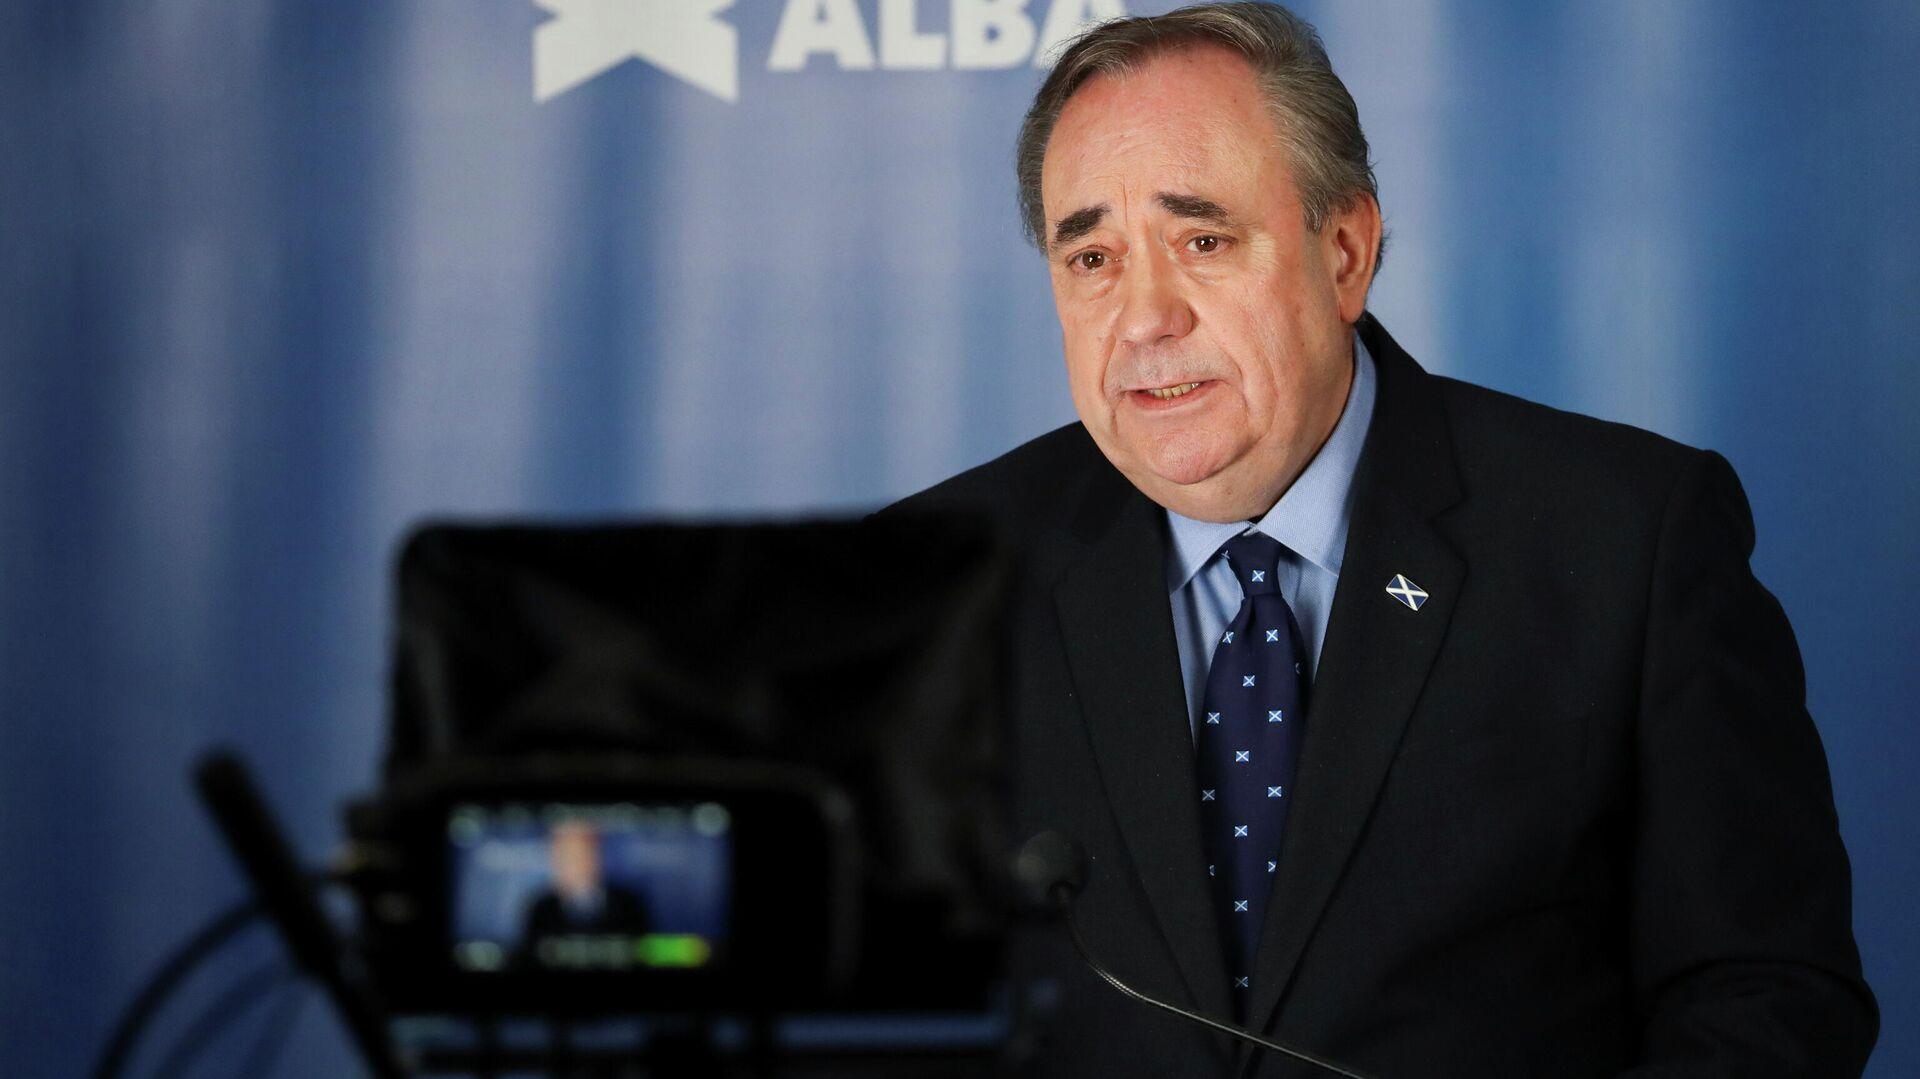 Alex Salmond, anterior líder del Partido Nacional de Escocia y del Gobierno del territorio autonómico británico - Sputnik Mundo, 1920, 14.04.2021